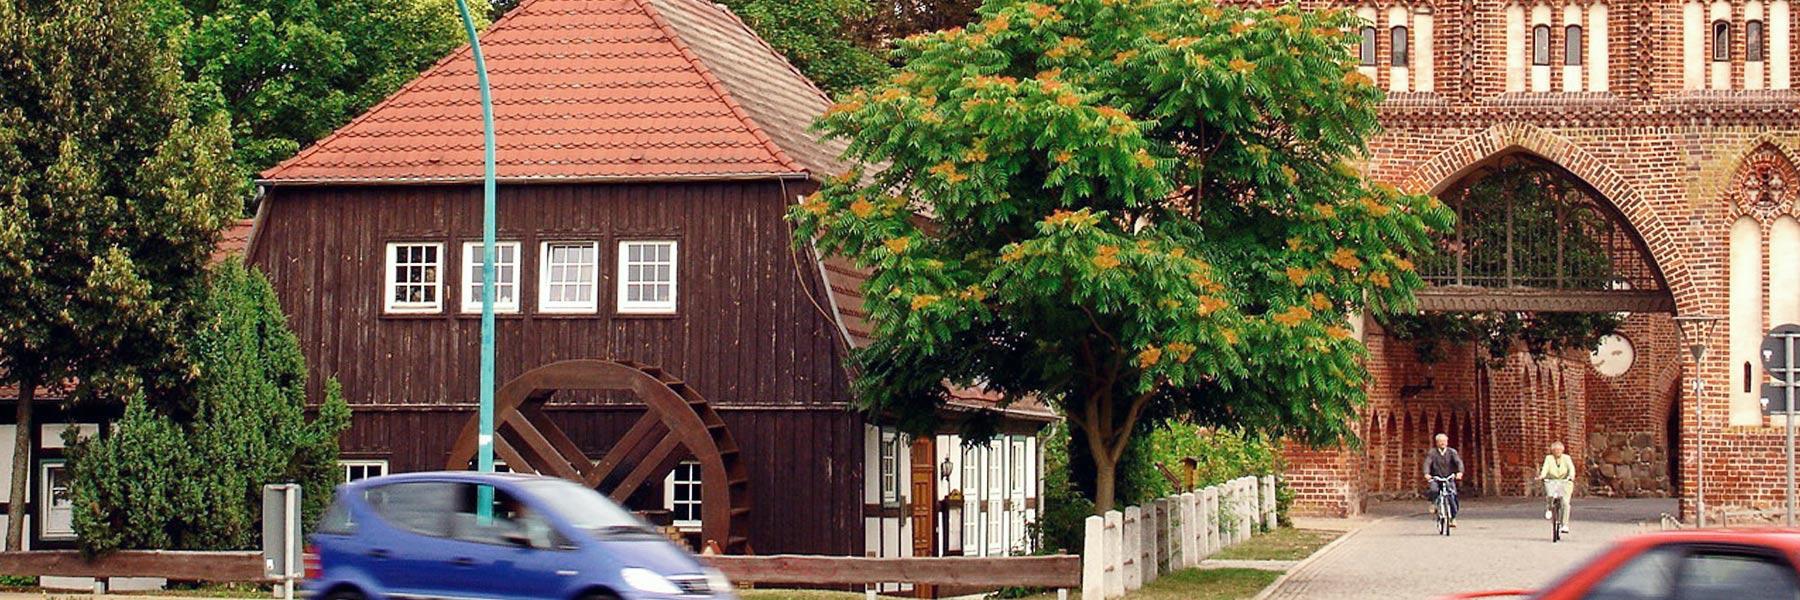 Stargader Tor - Neubrandenburg